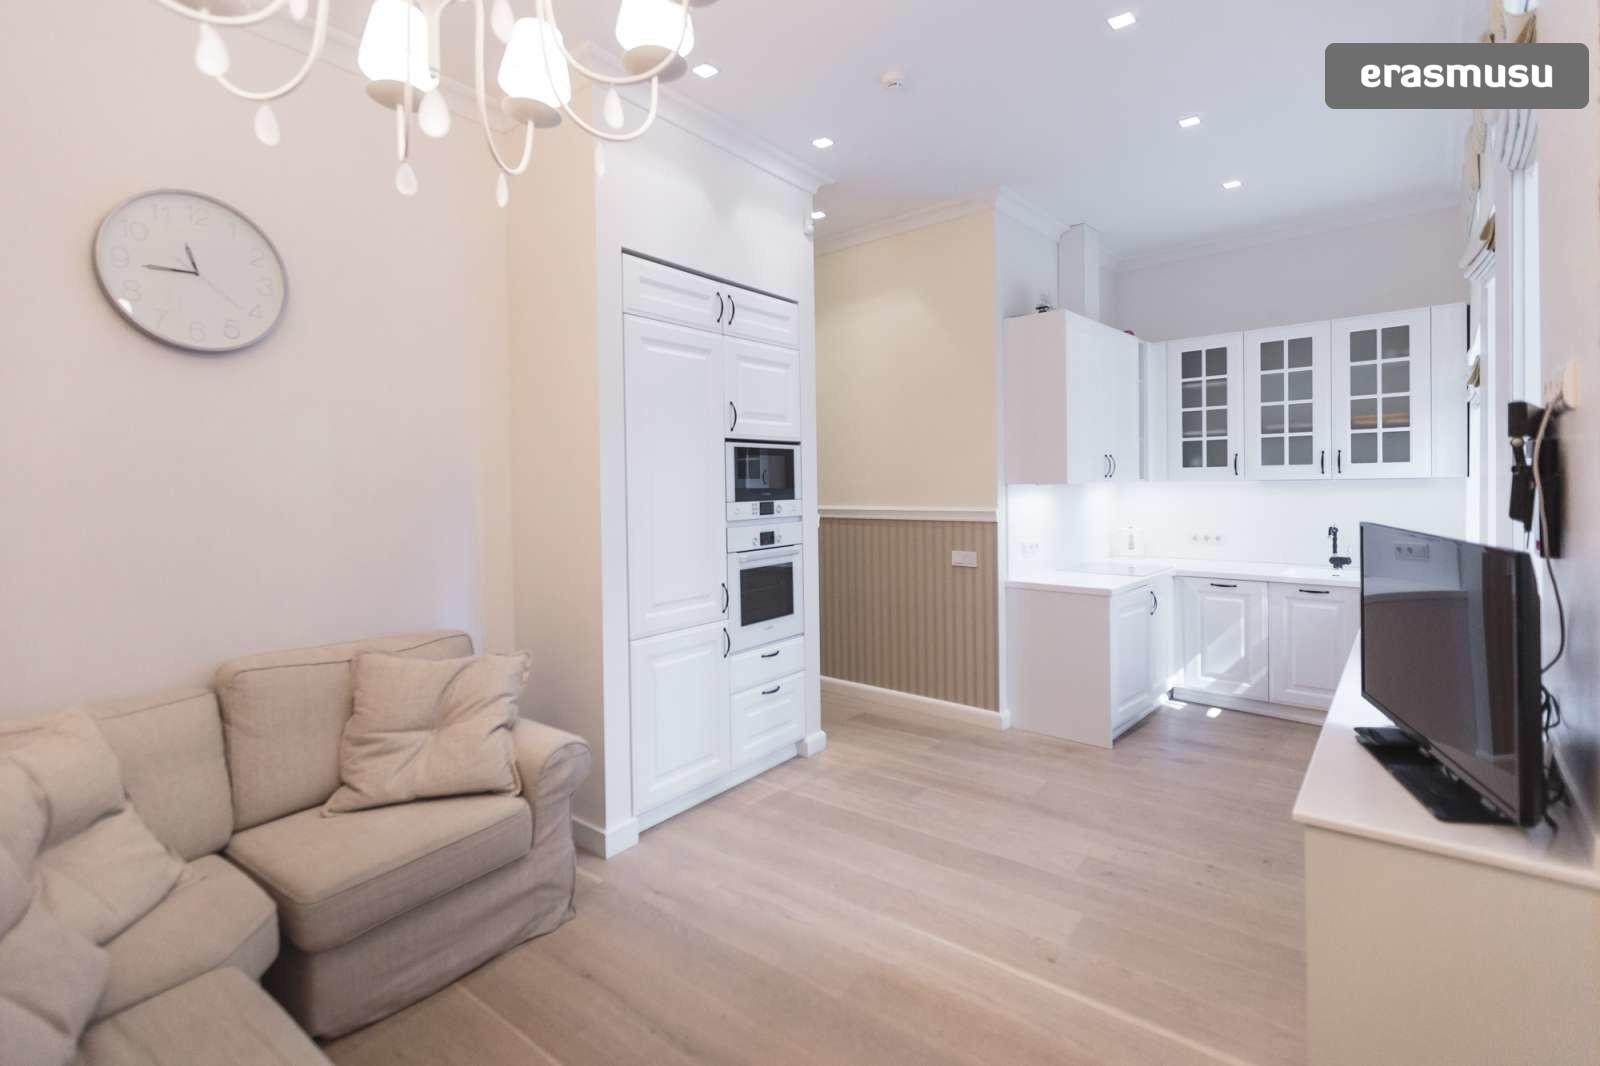 elegant-2-bedroom-partment-rent-centrs-2d52090bfe2d07b5fa634b45a